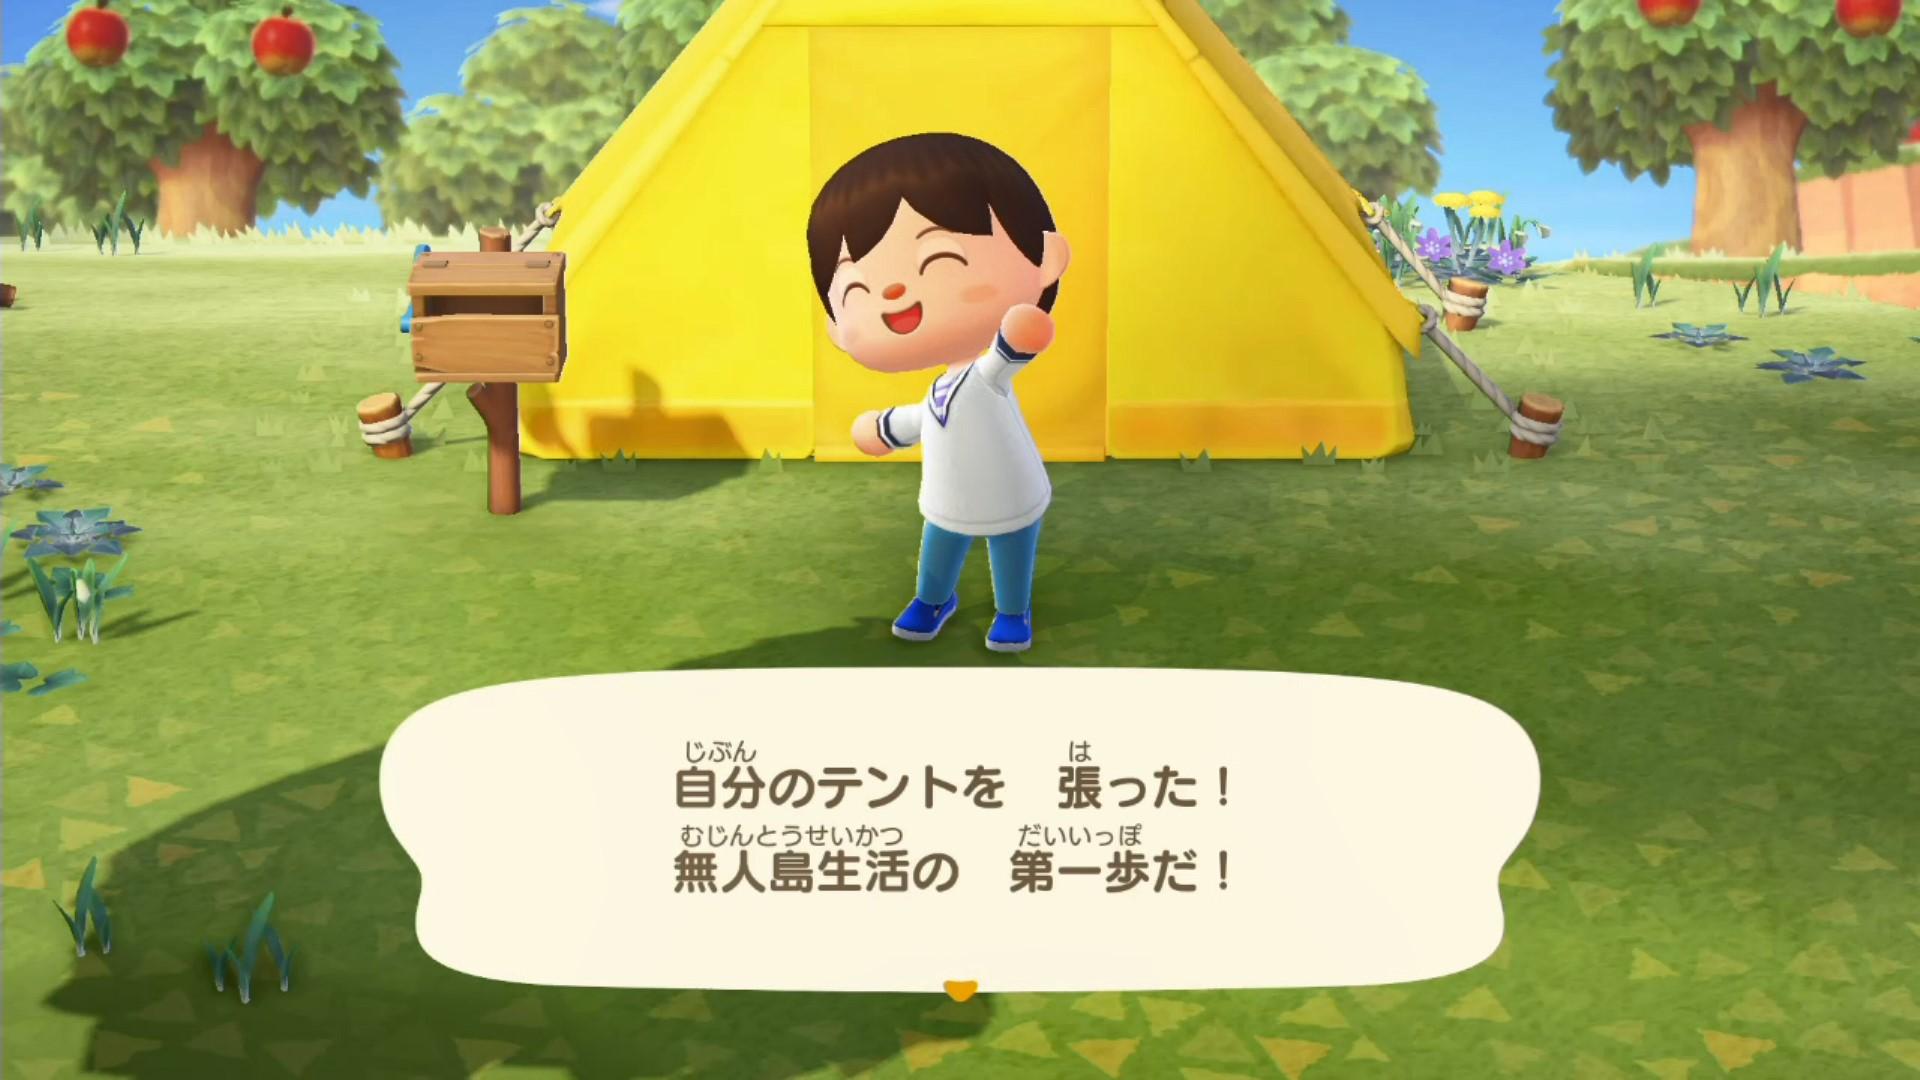 ついに自分のテントを張った!無人島生活の第一歩だ!